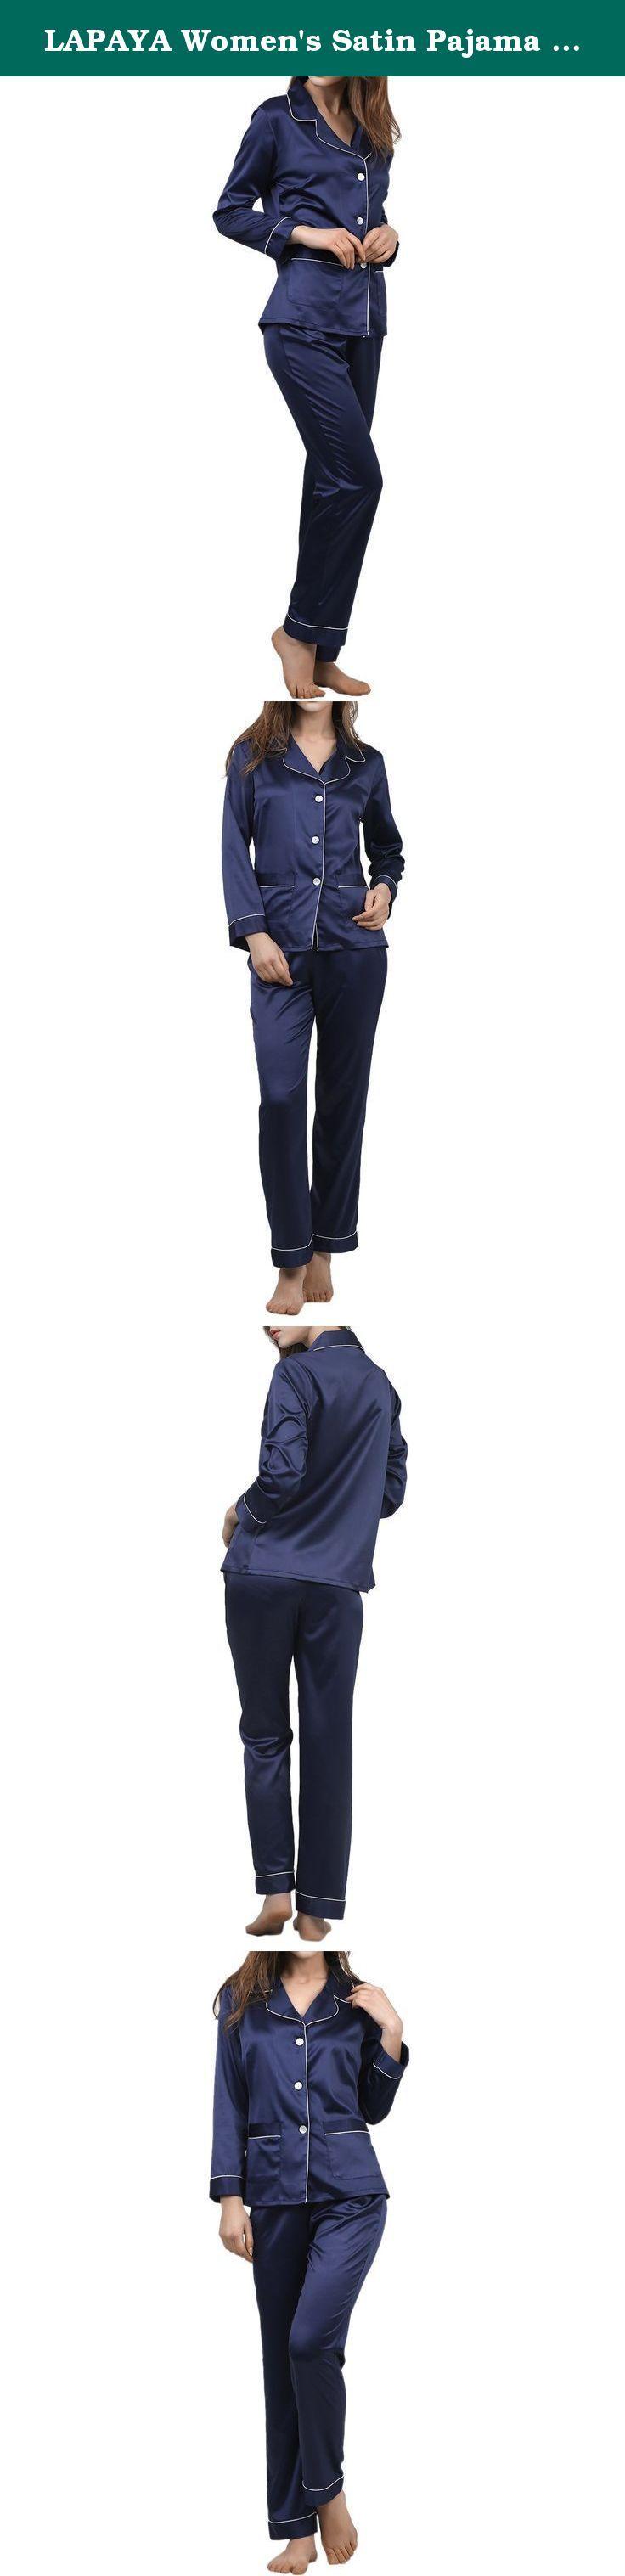 LAPAYA Women's Satin Pajama Sets Long Sleeve Button Down Silky Two Piece Pajamas, Navy Blue, Tag size M=US size S. LAPAYA Women's Satin Pajama Sets Long Sleeve Button Down Silky Two Piece Pajamas.